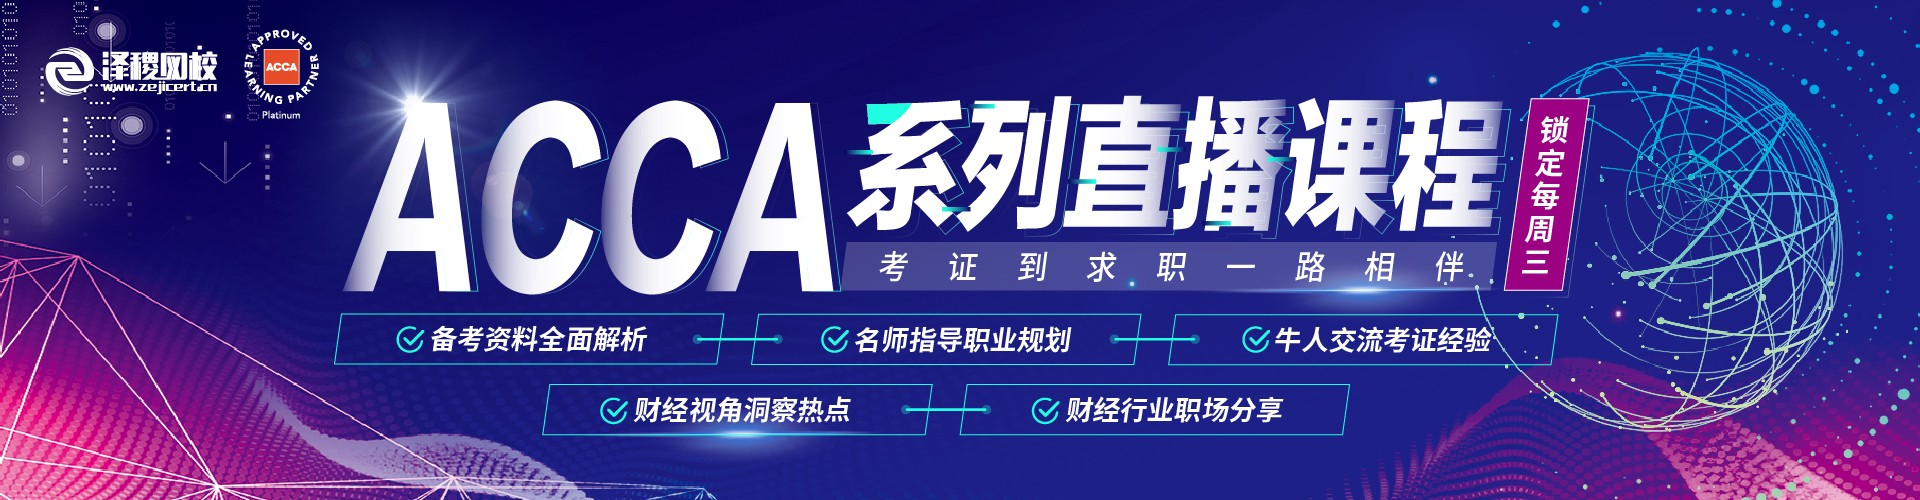 ACCA系列直播课程